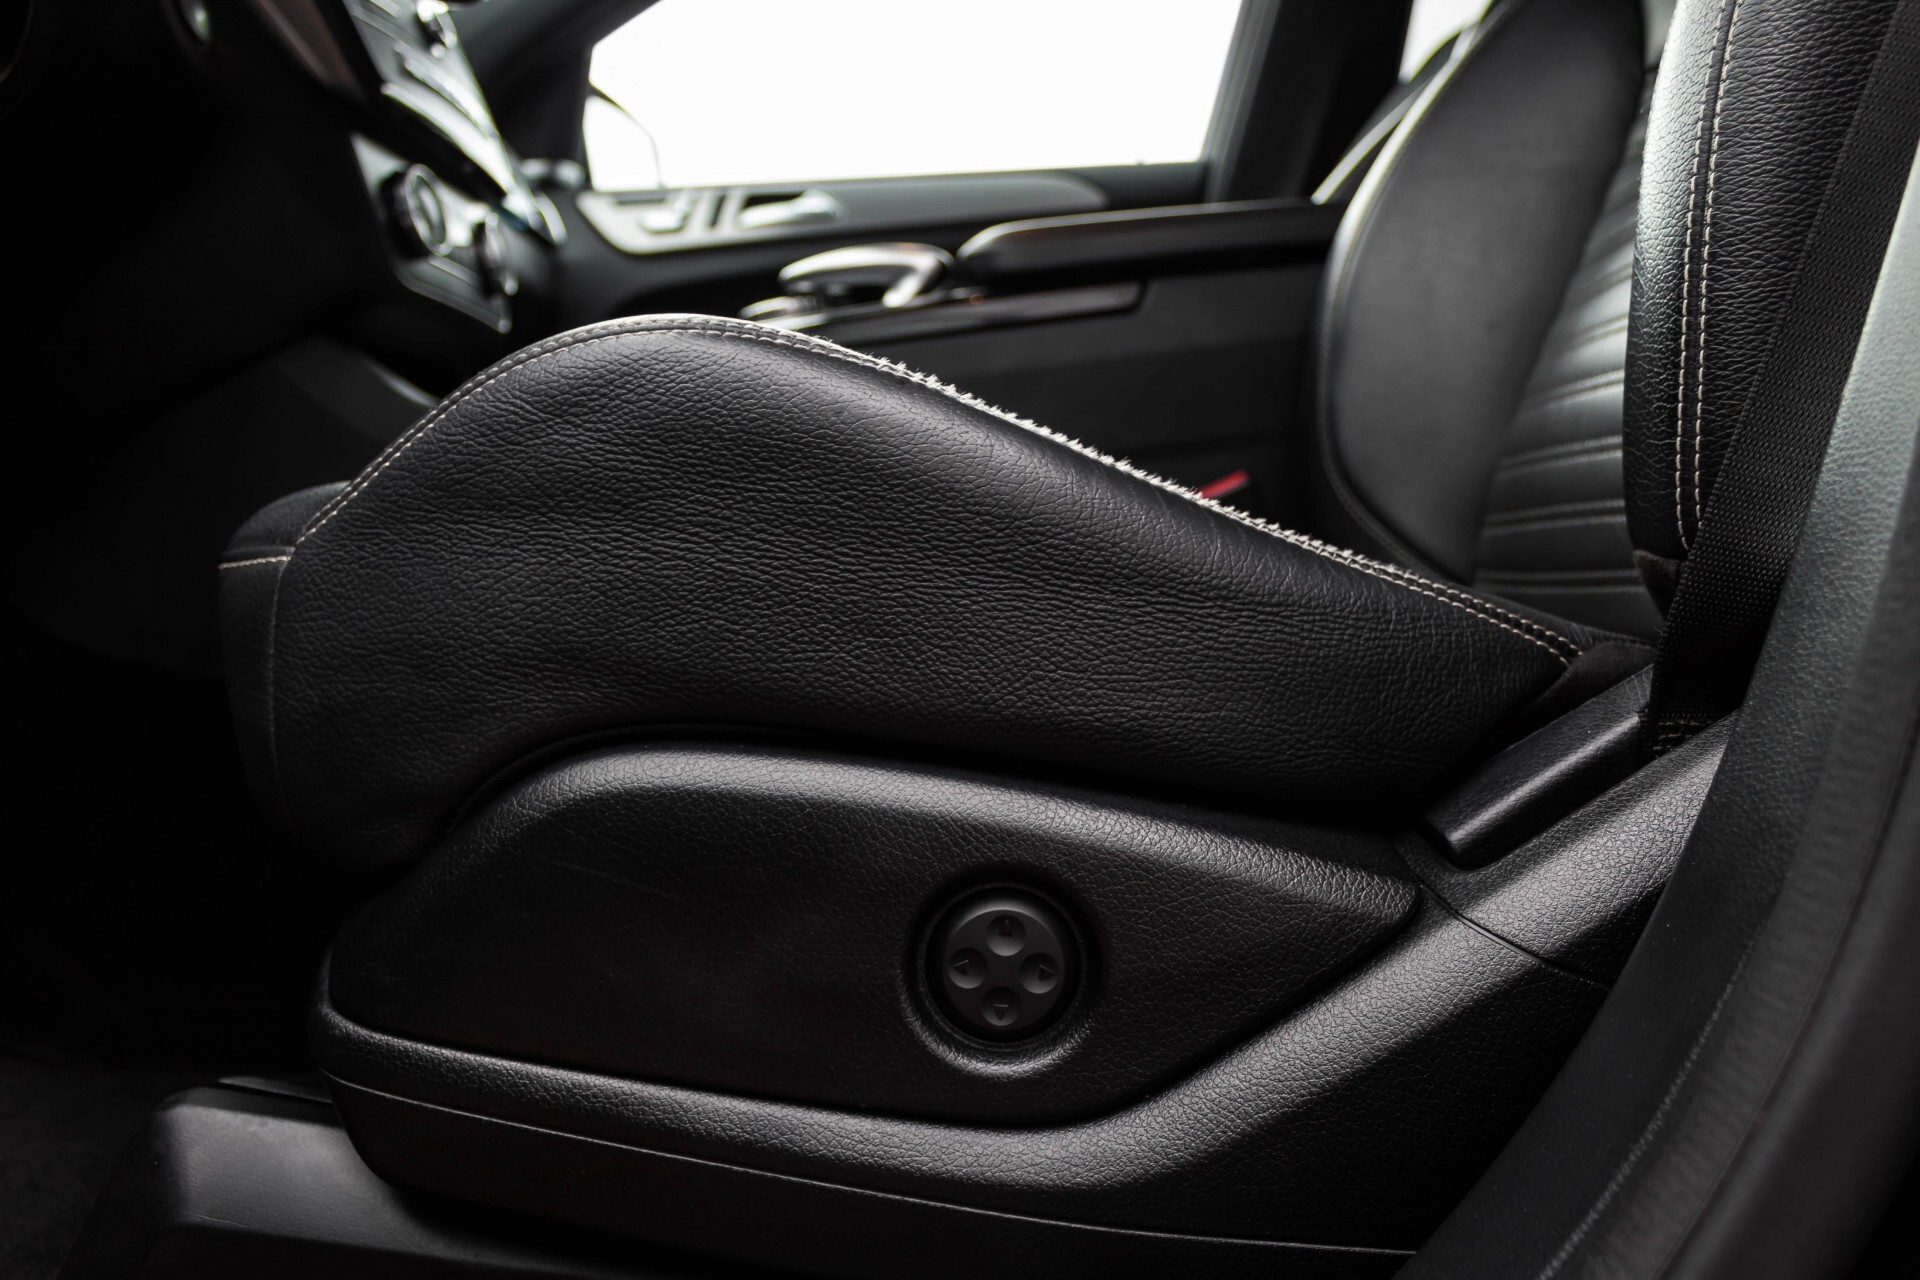 Mercedes-Benz GLE Coupé 350 d 4-M AMG Luchtvering/Distronic/Panorama/Mem/Trekhaak Aut9 Foto 48